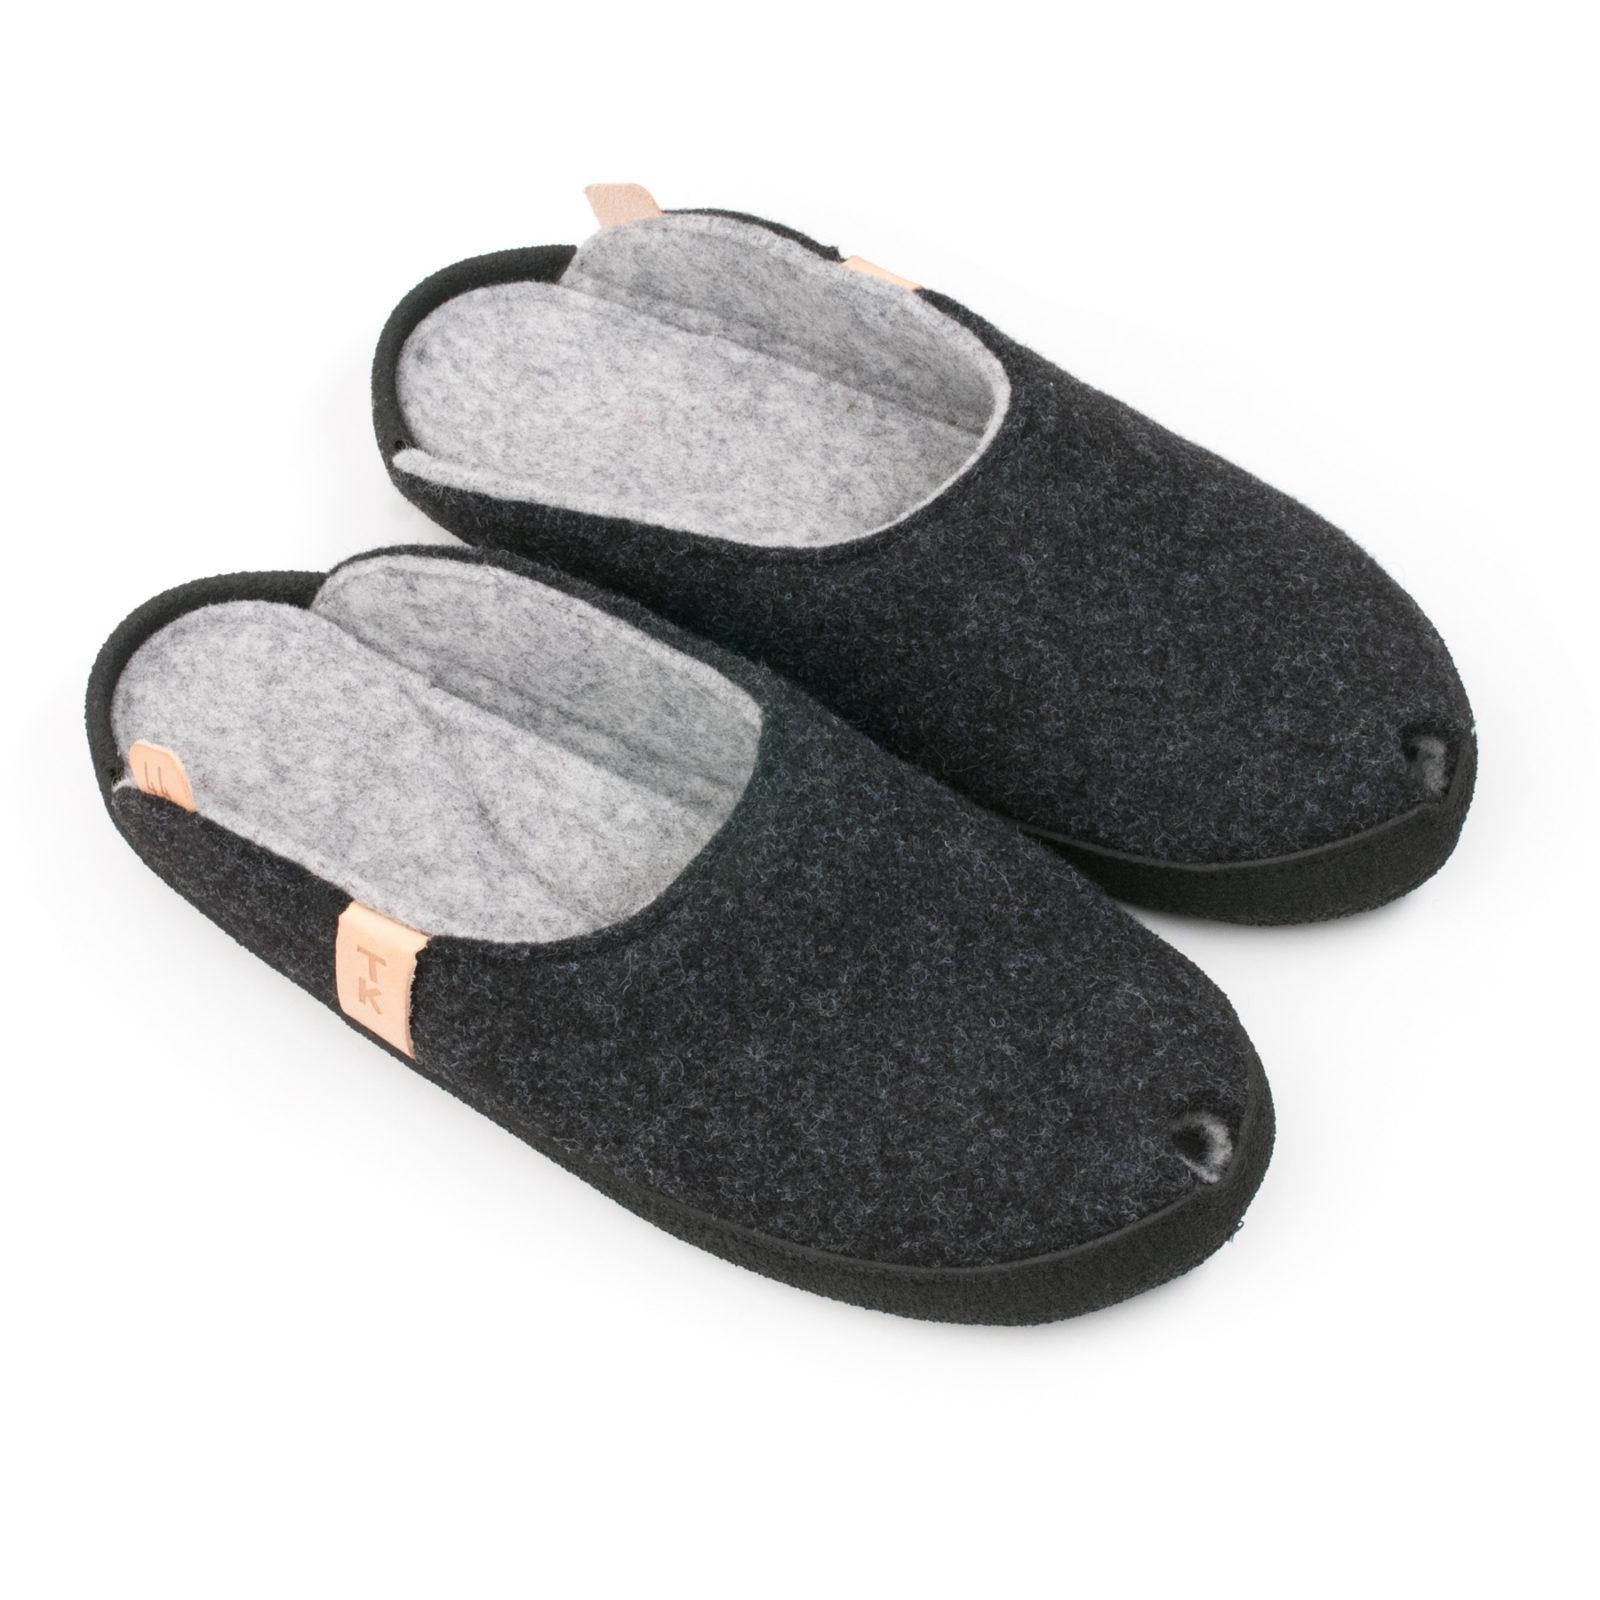 Toku-Brussels-indoor-slippers-v4